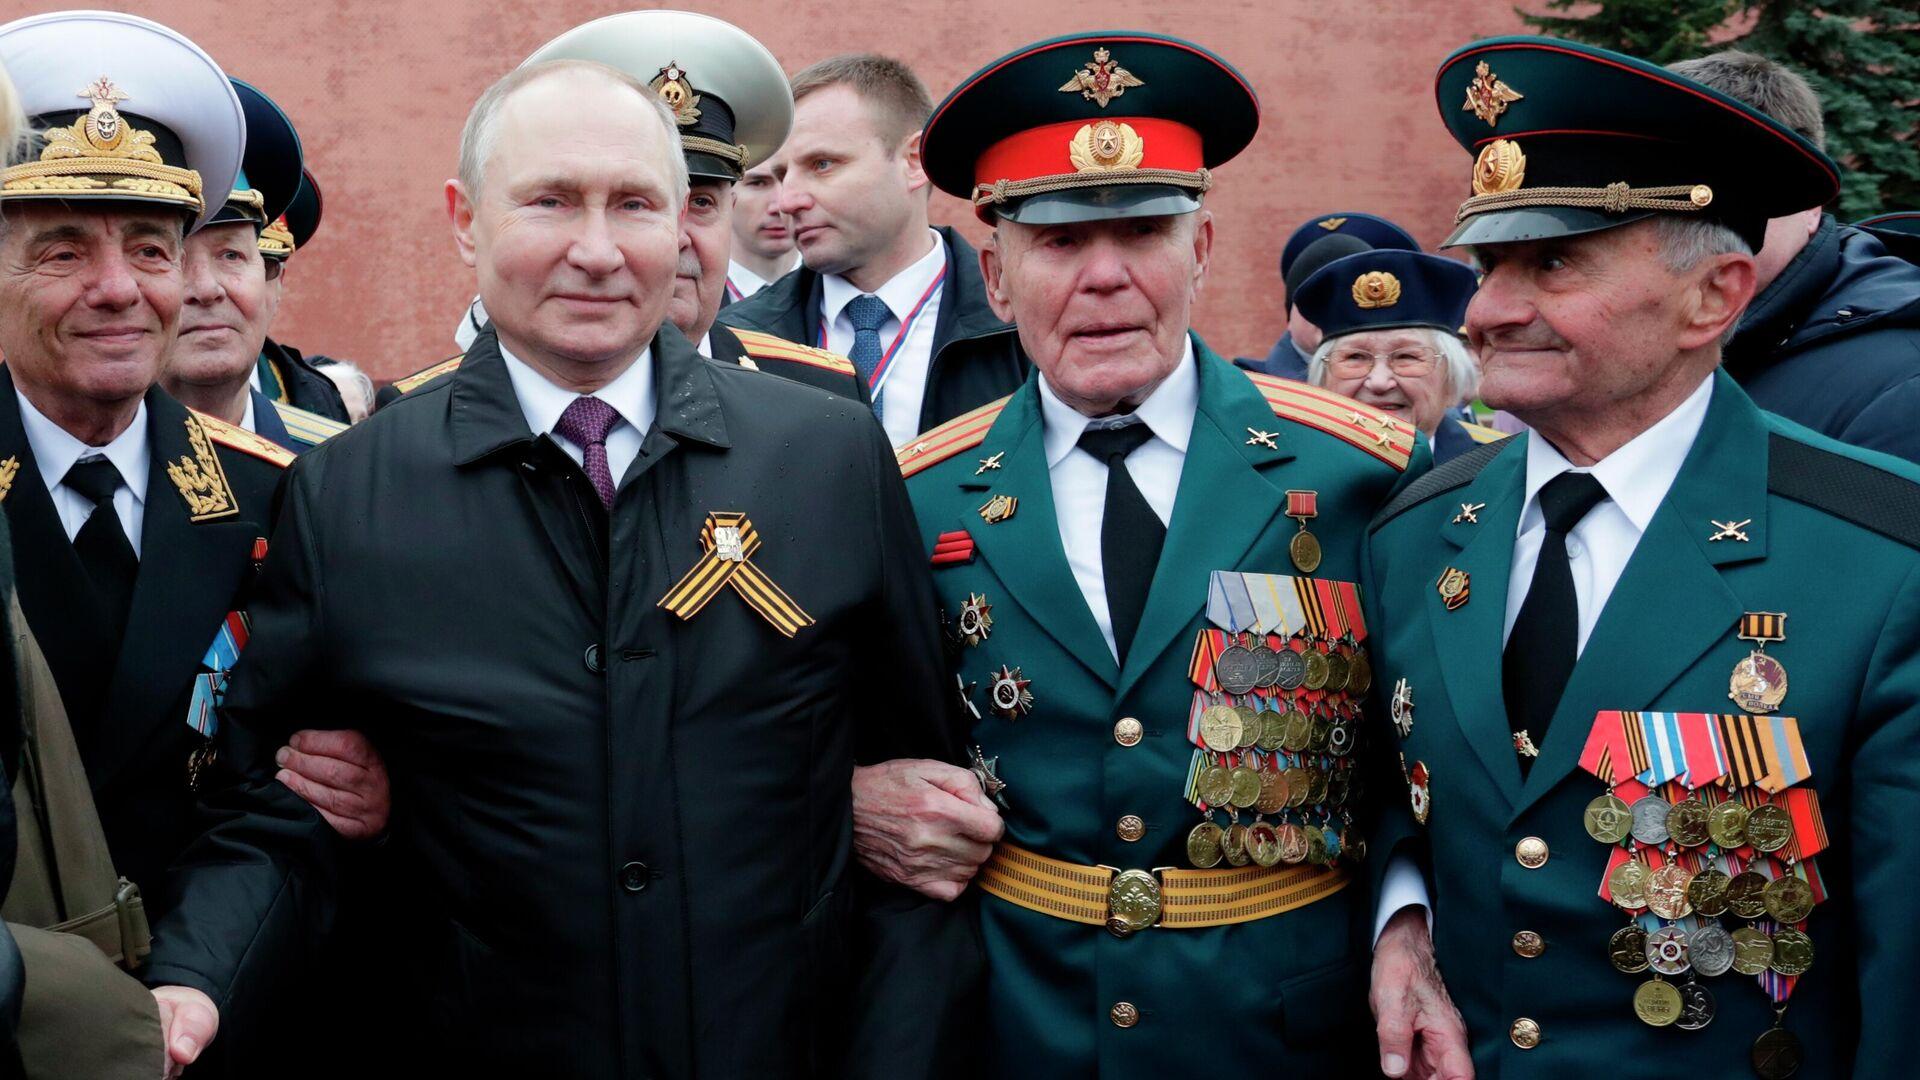 El presidente de Rusia, Vladímir Putin, junto a los veteranos de la Segunda Guerra Mundial - Sputnik Mundo, 1920, 09.05.2021